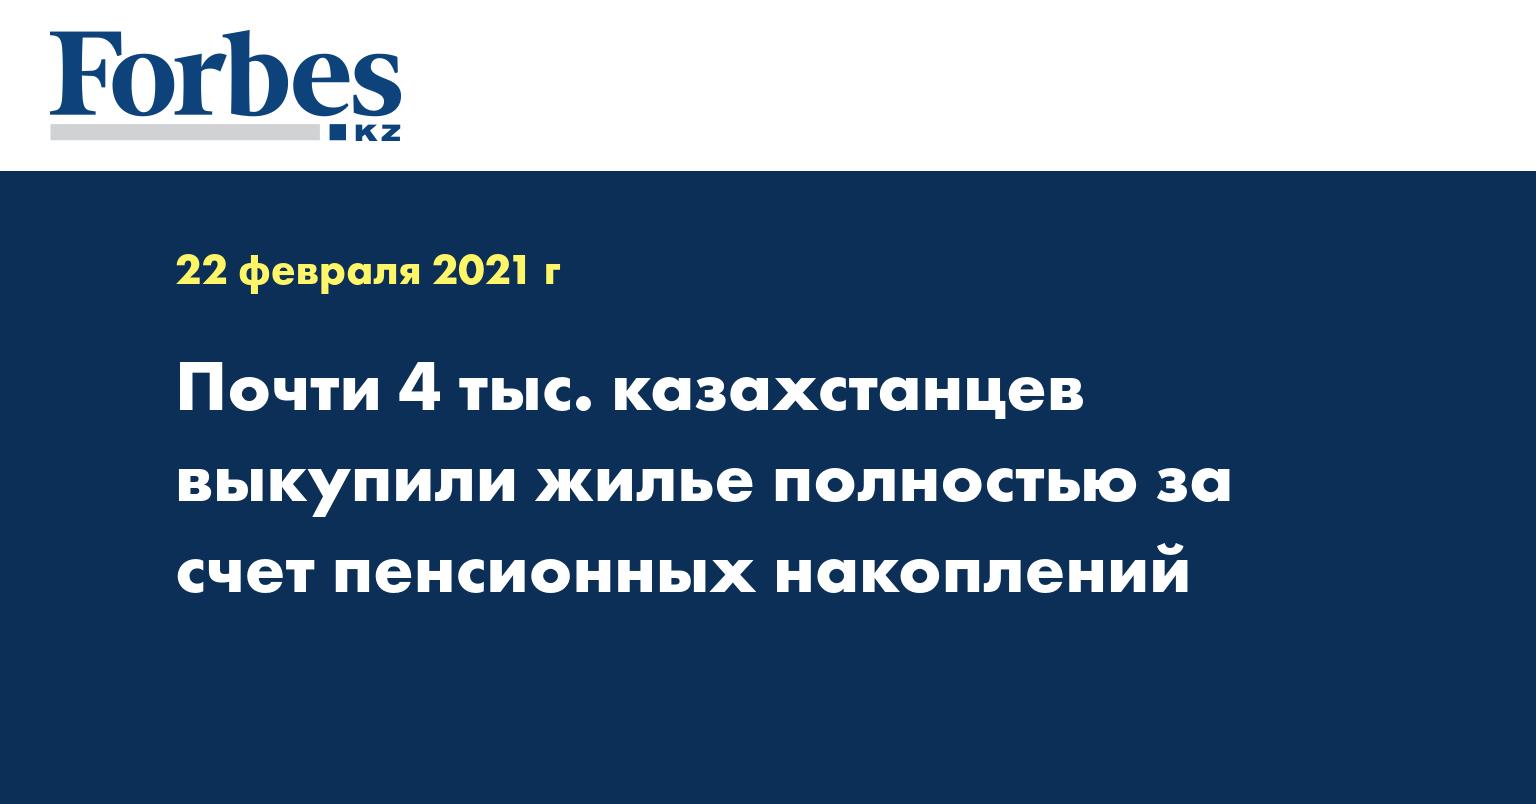 Почти 4 тыс. казахстанцев выкупили жилье полностью за счет пенсионных накоплений